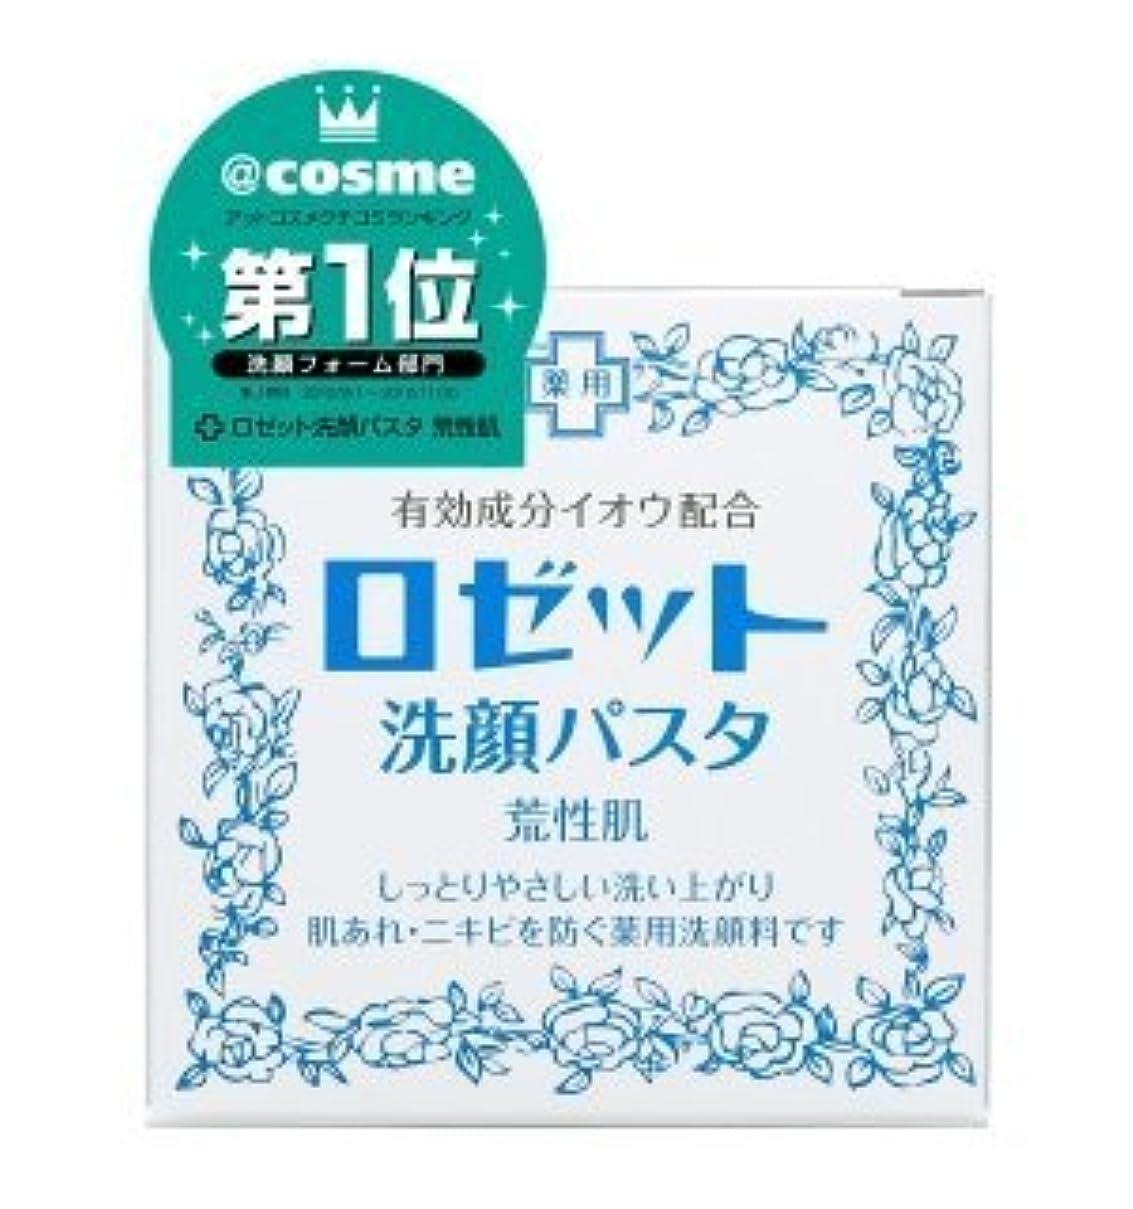 好奇心そよ風ラッシュロゼット 洗顔パスタ 荒性肌 90g (医薬部外品) × 10個セット